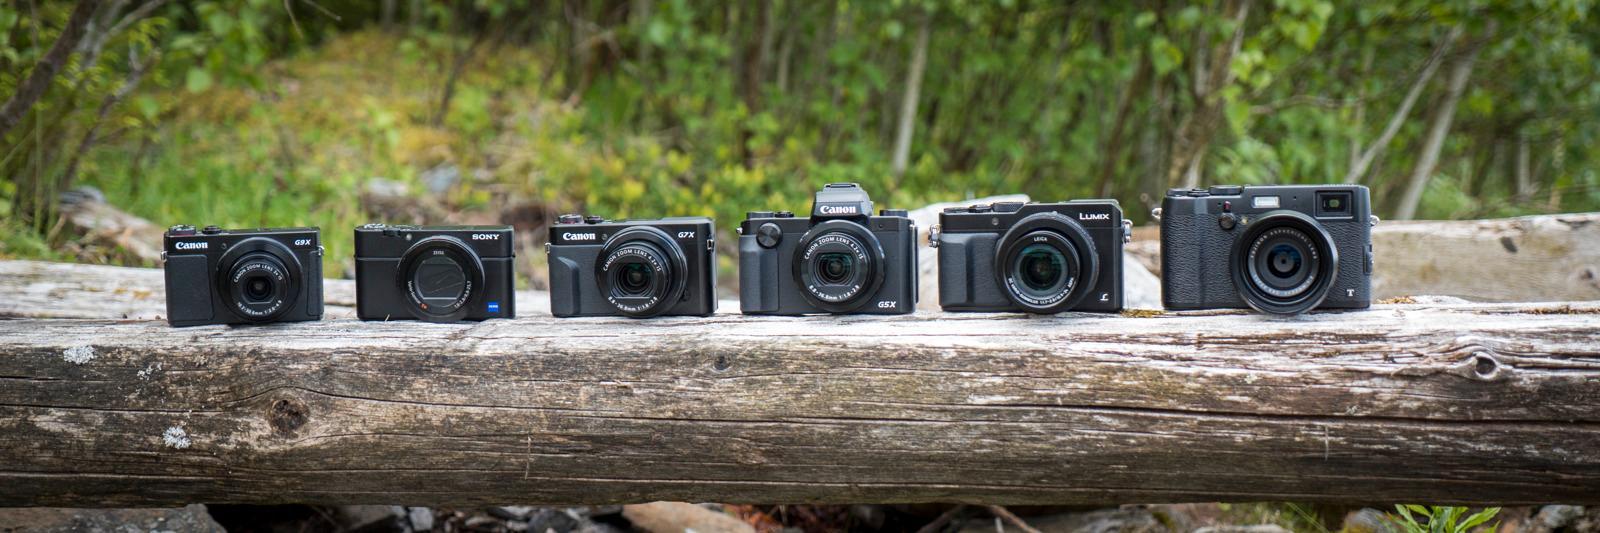 Sortert fra størst til minst, fra venstre: Canon G9 X, Sony RX100 IV, Canon G7 X Mark II, Canon G5 X, Panasonic Lumix LX100 og Fujifilm X100T.